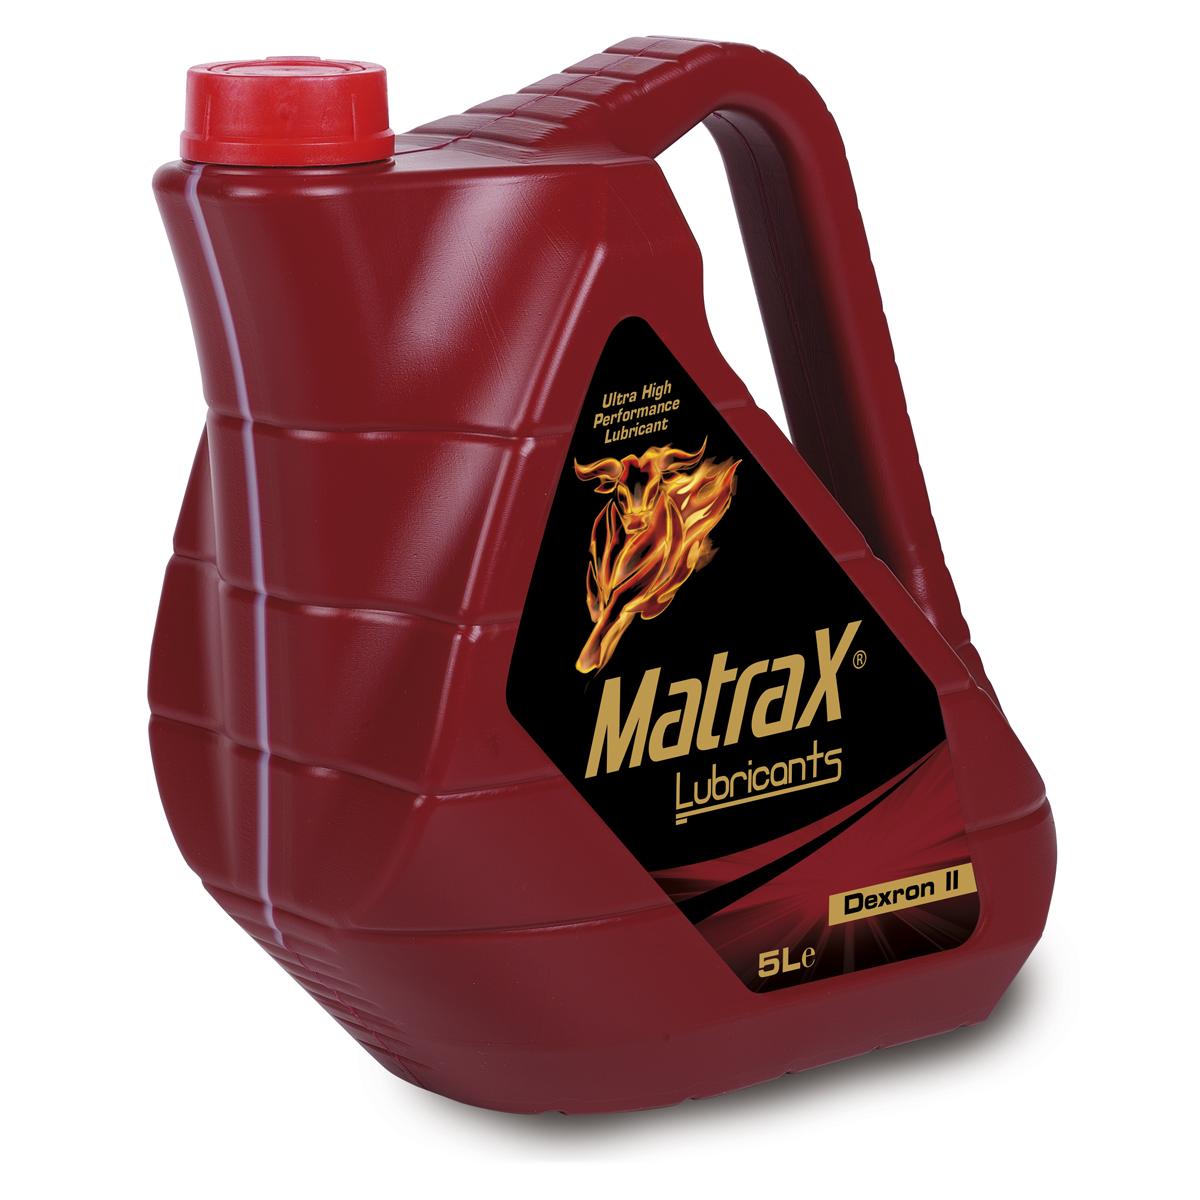 MatraX Dexron II